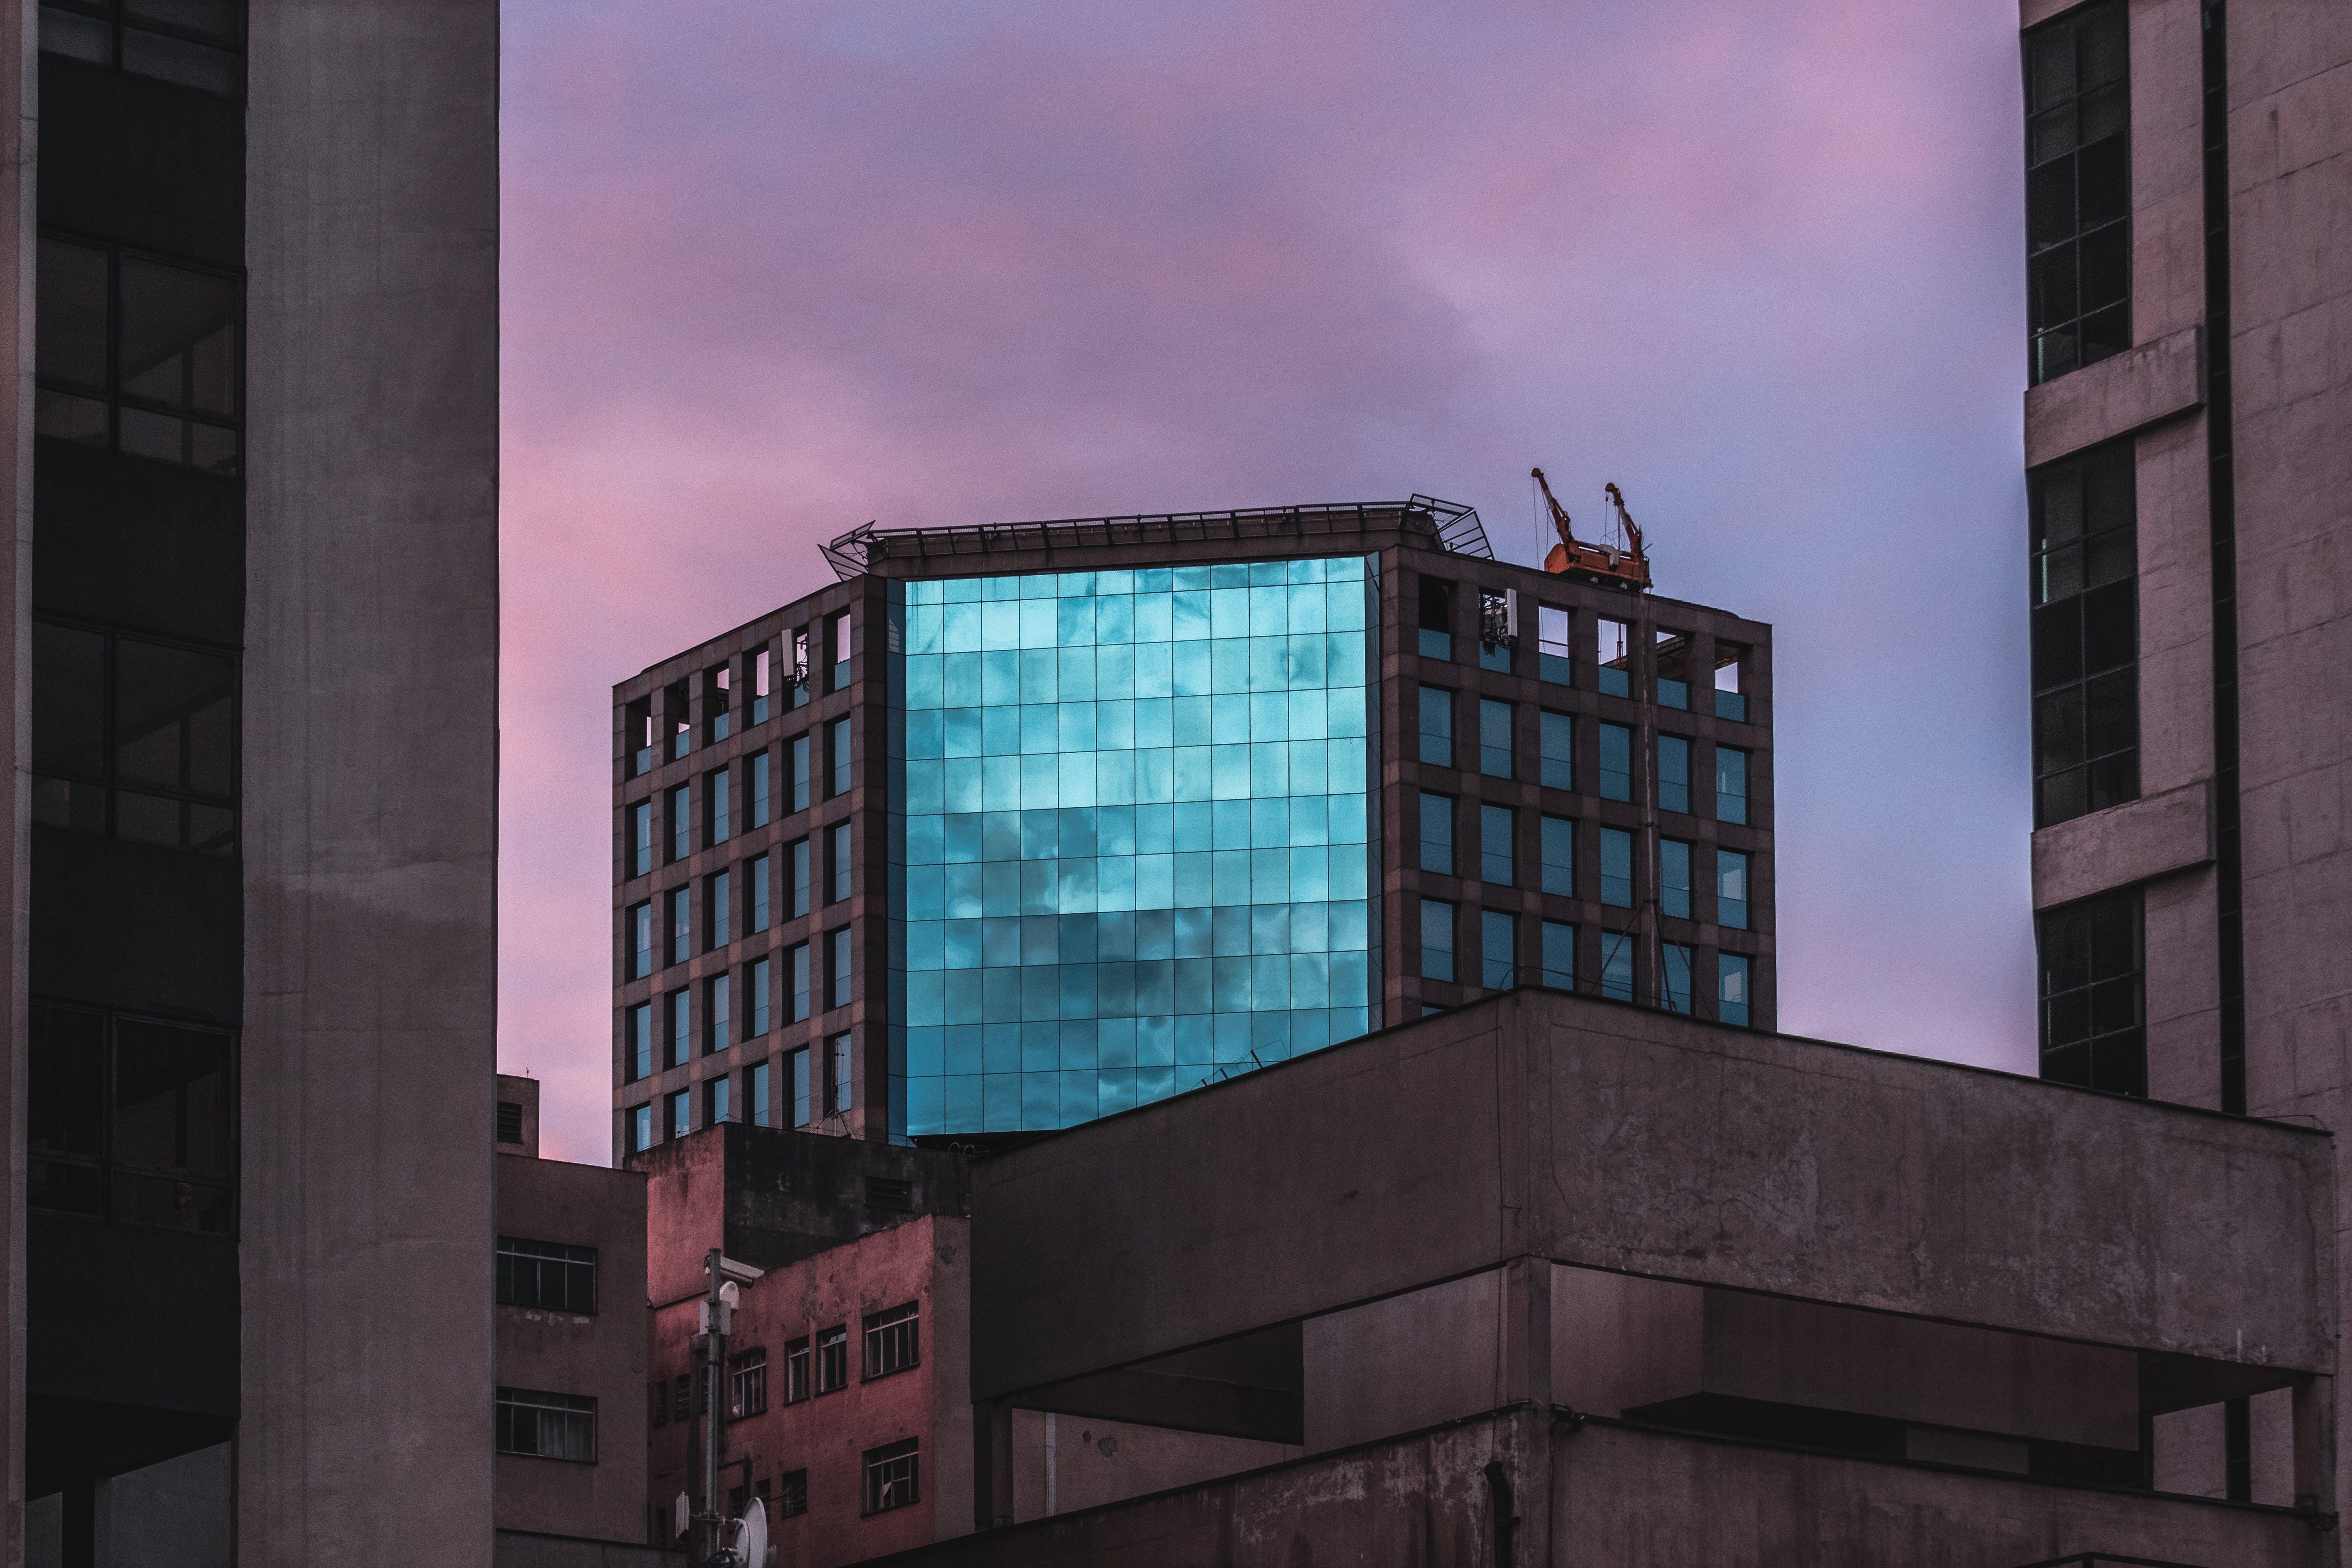 Fotos de stock gratuitas de arquitectura, céntrico, ciudad, cristal